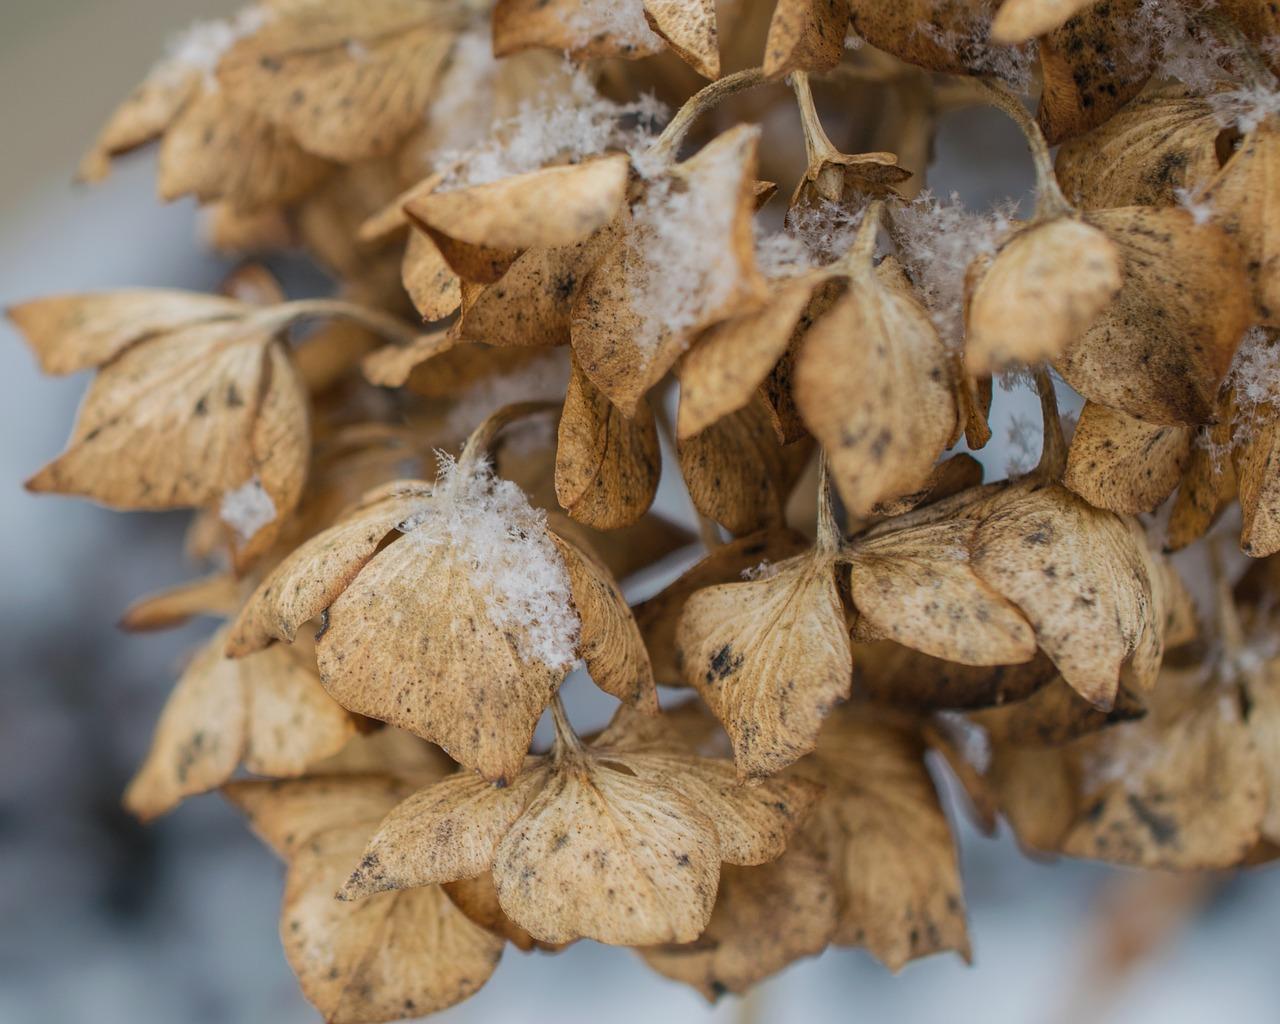 Погода в Казахстане: в Алматы и Нур-Султане ожидается снег